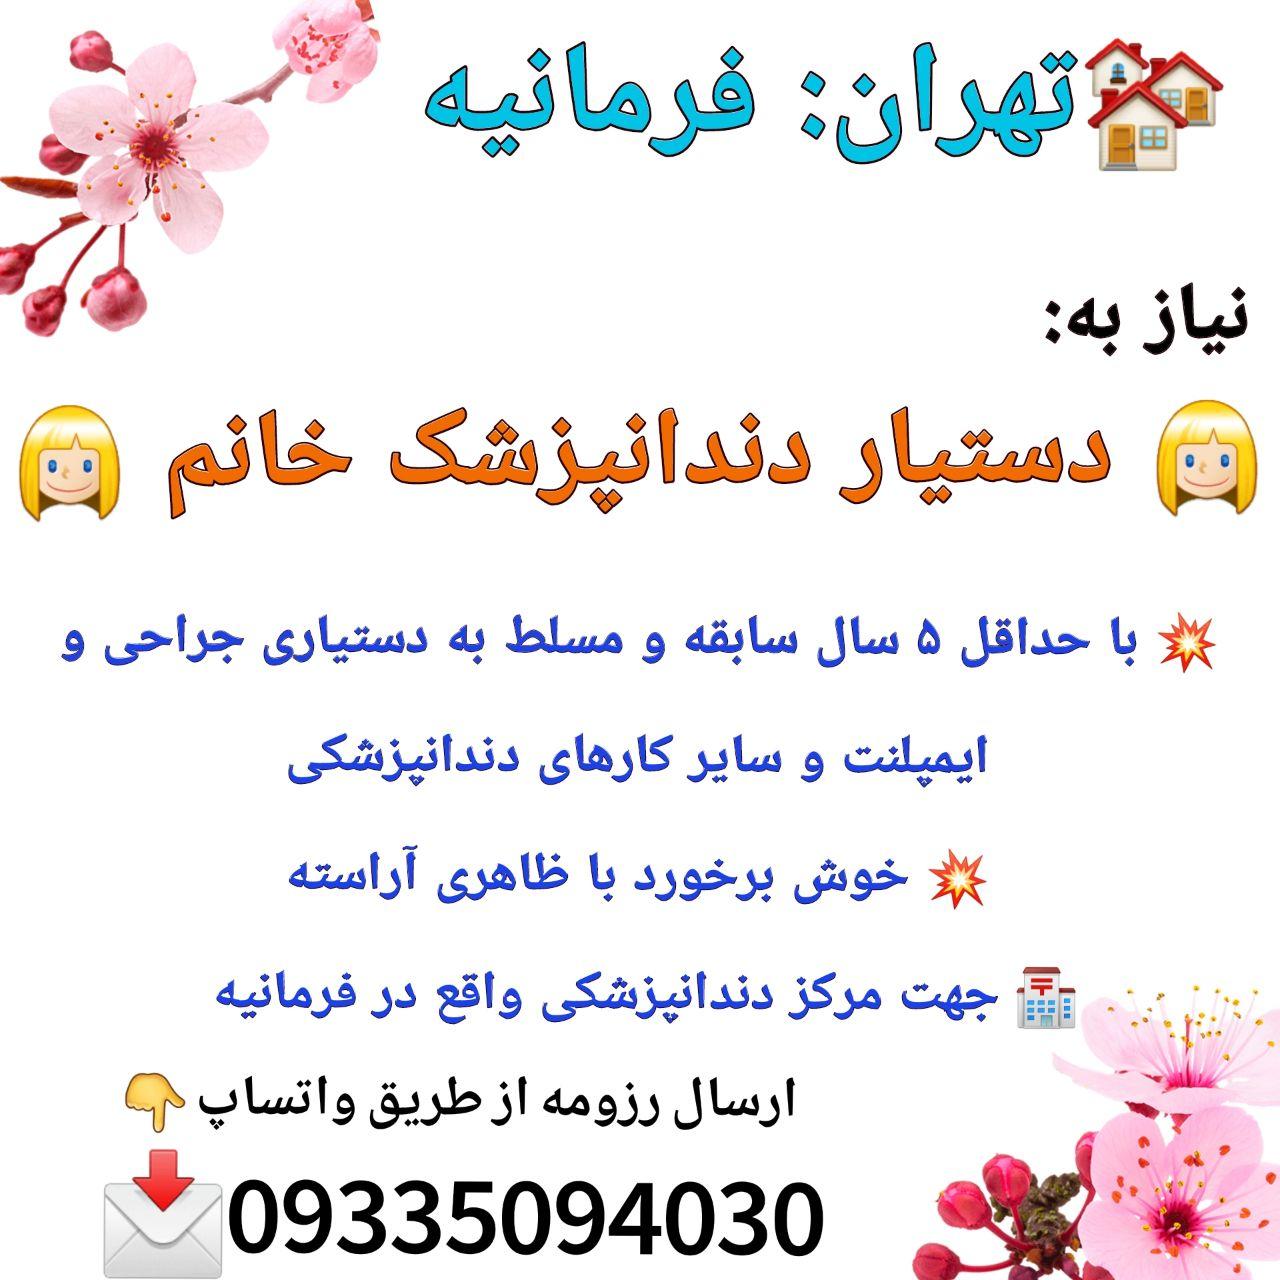 تهران: فرمانیه، نیاز به دستیار دندانپزشک خانم